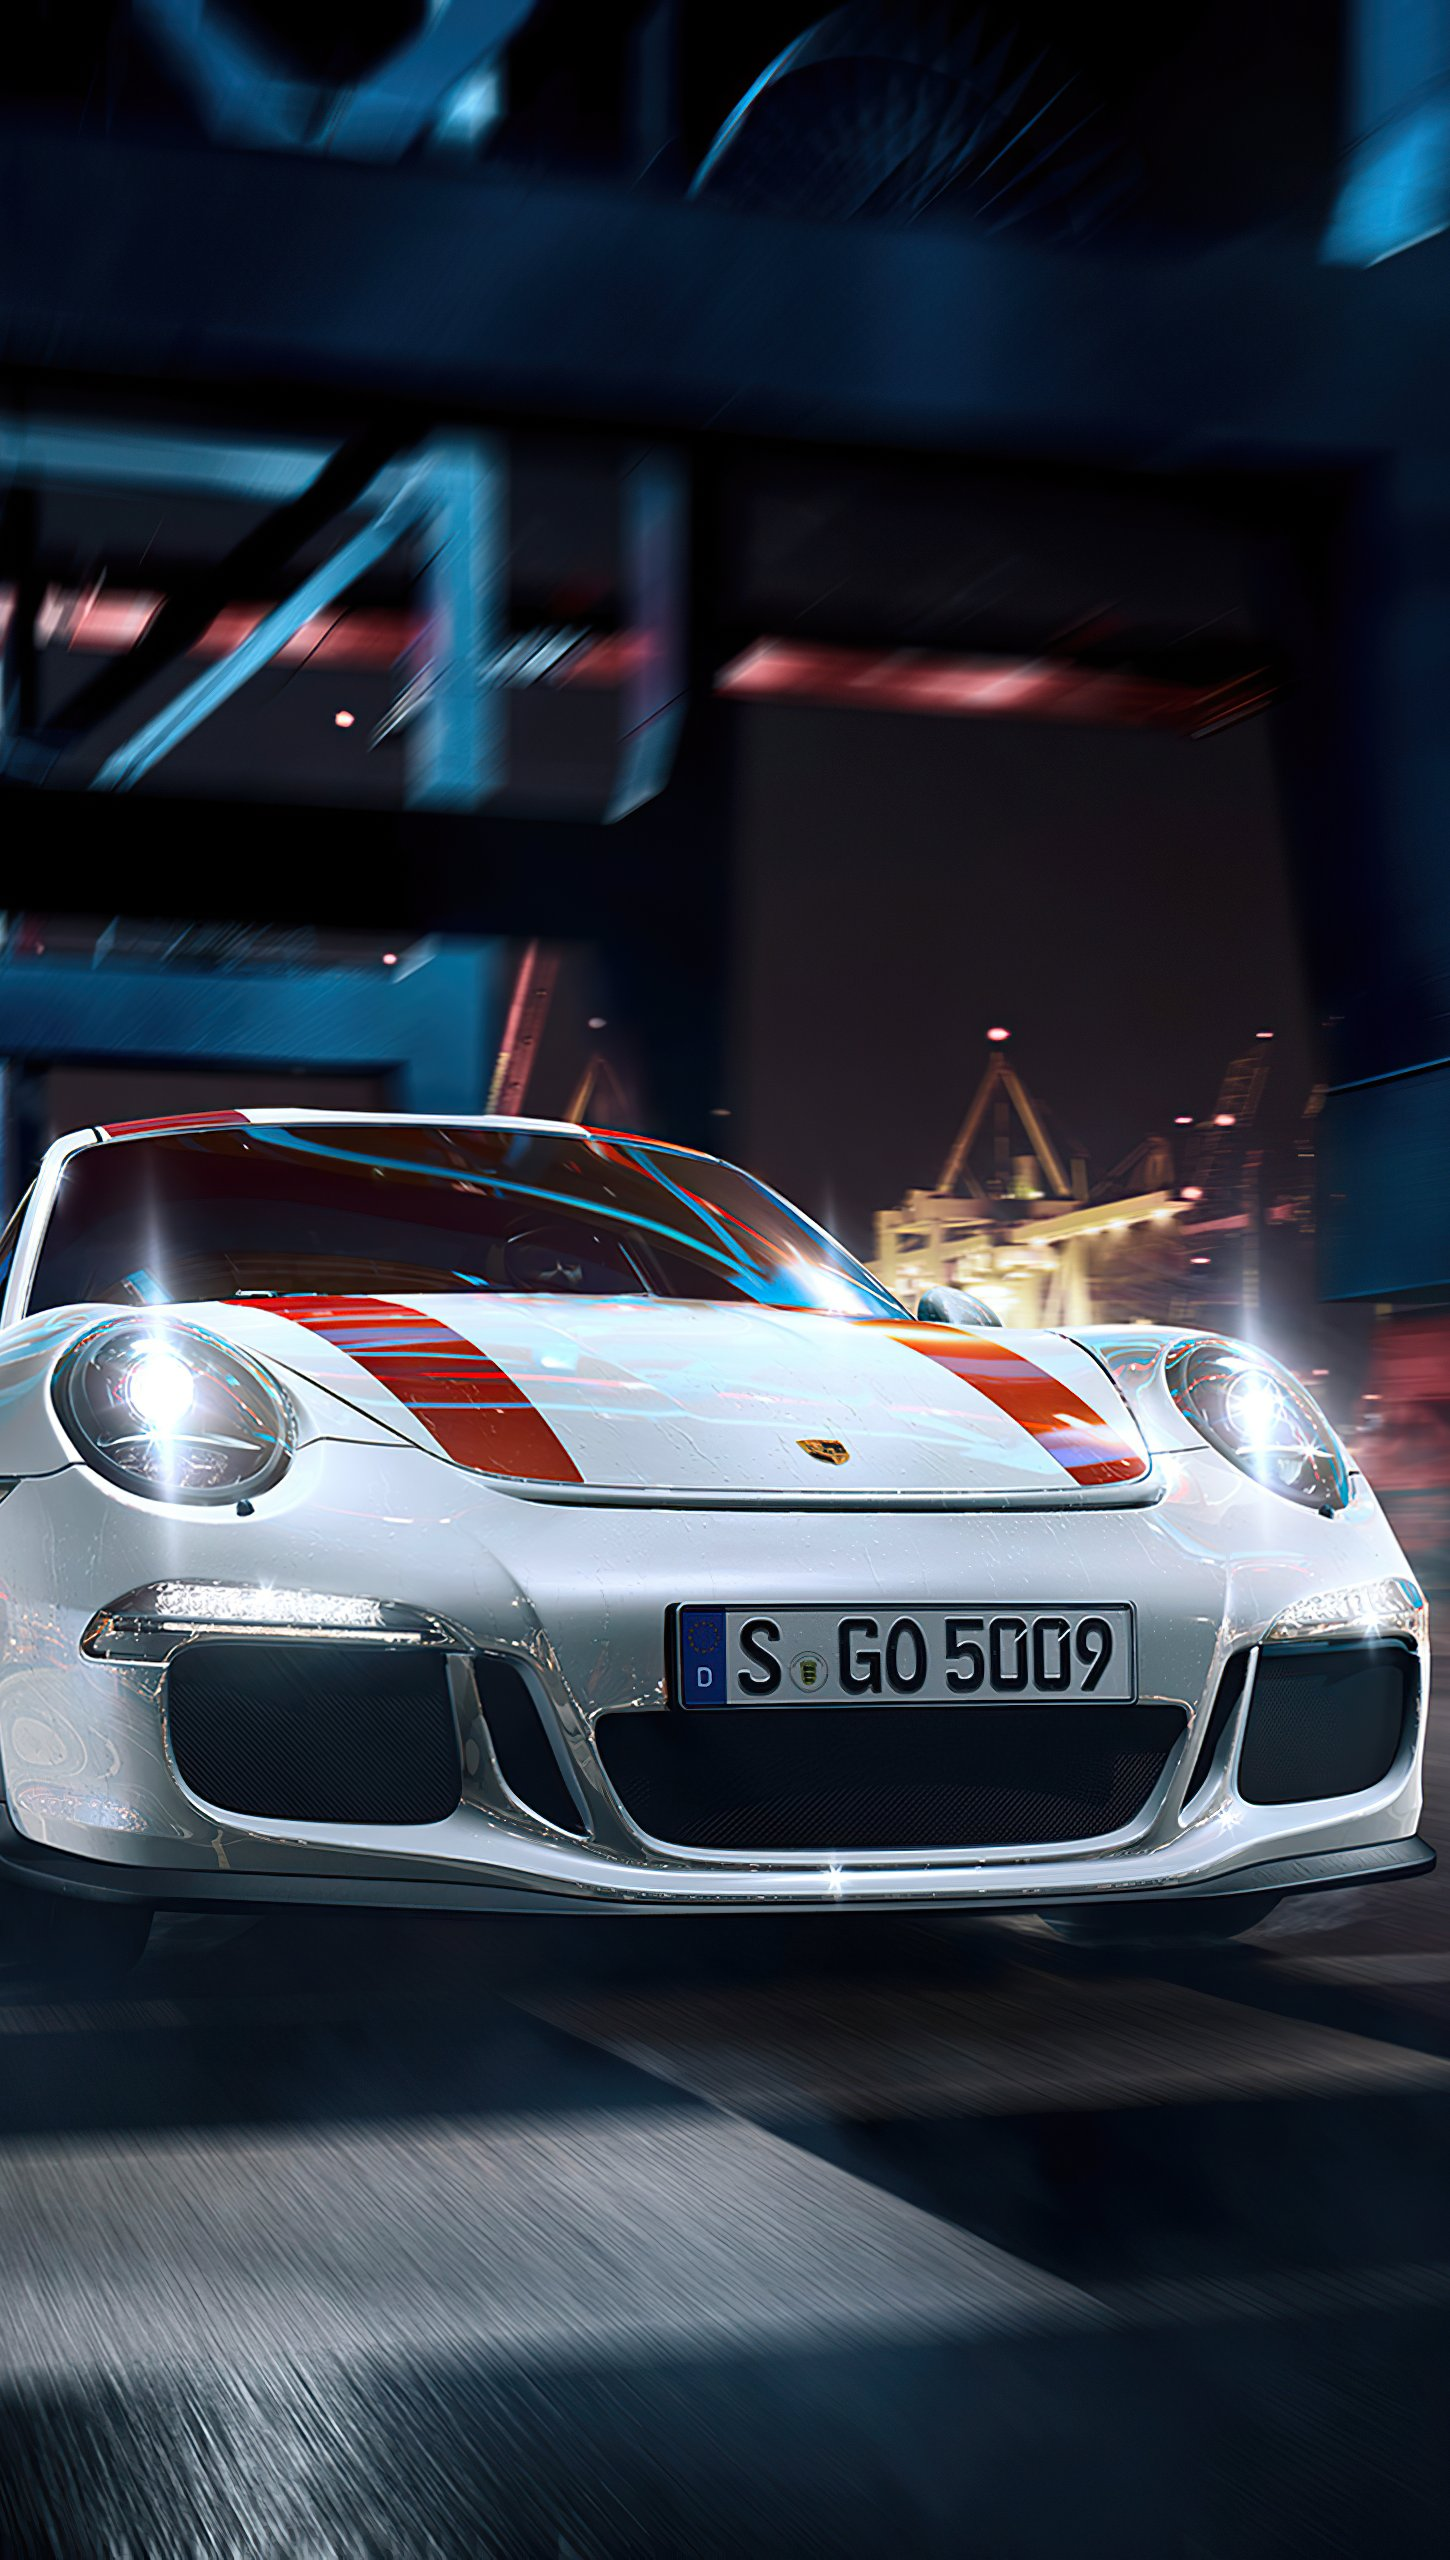 Fondos de pantalla Porsche blanco Vertical